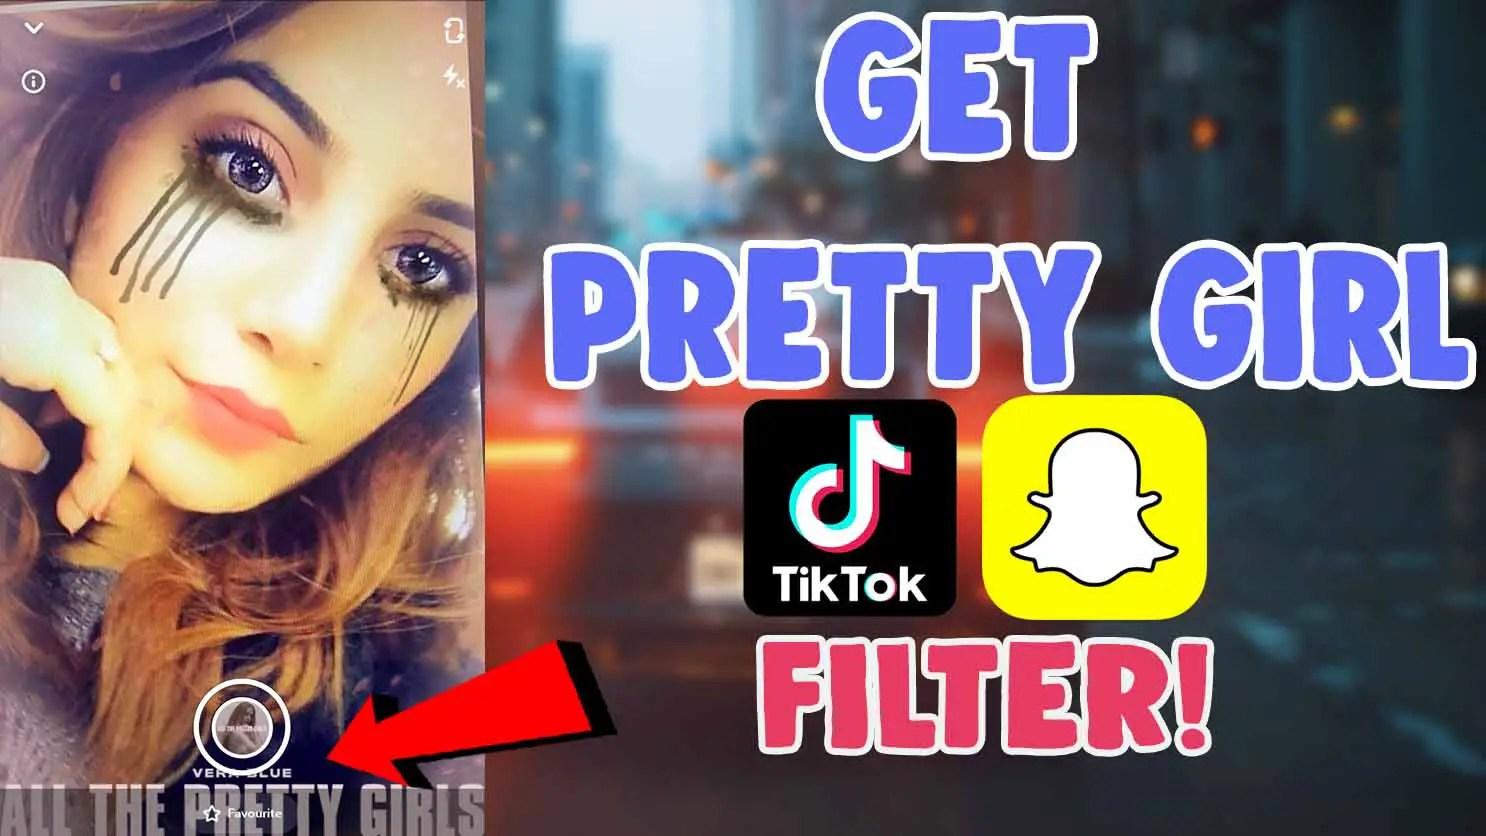 get pretty girl snapchat filter